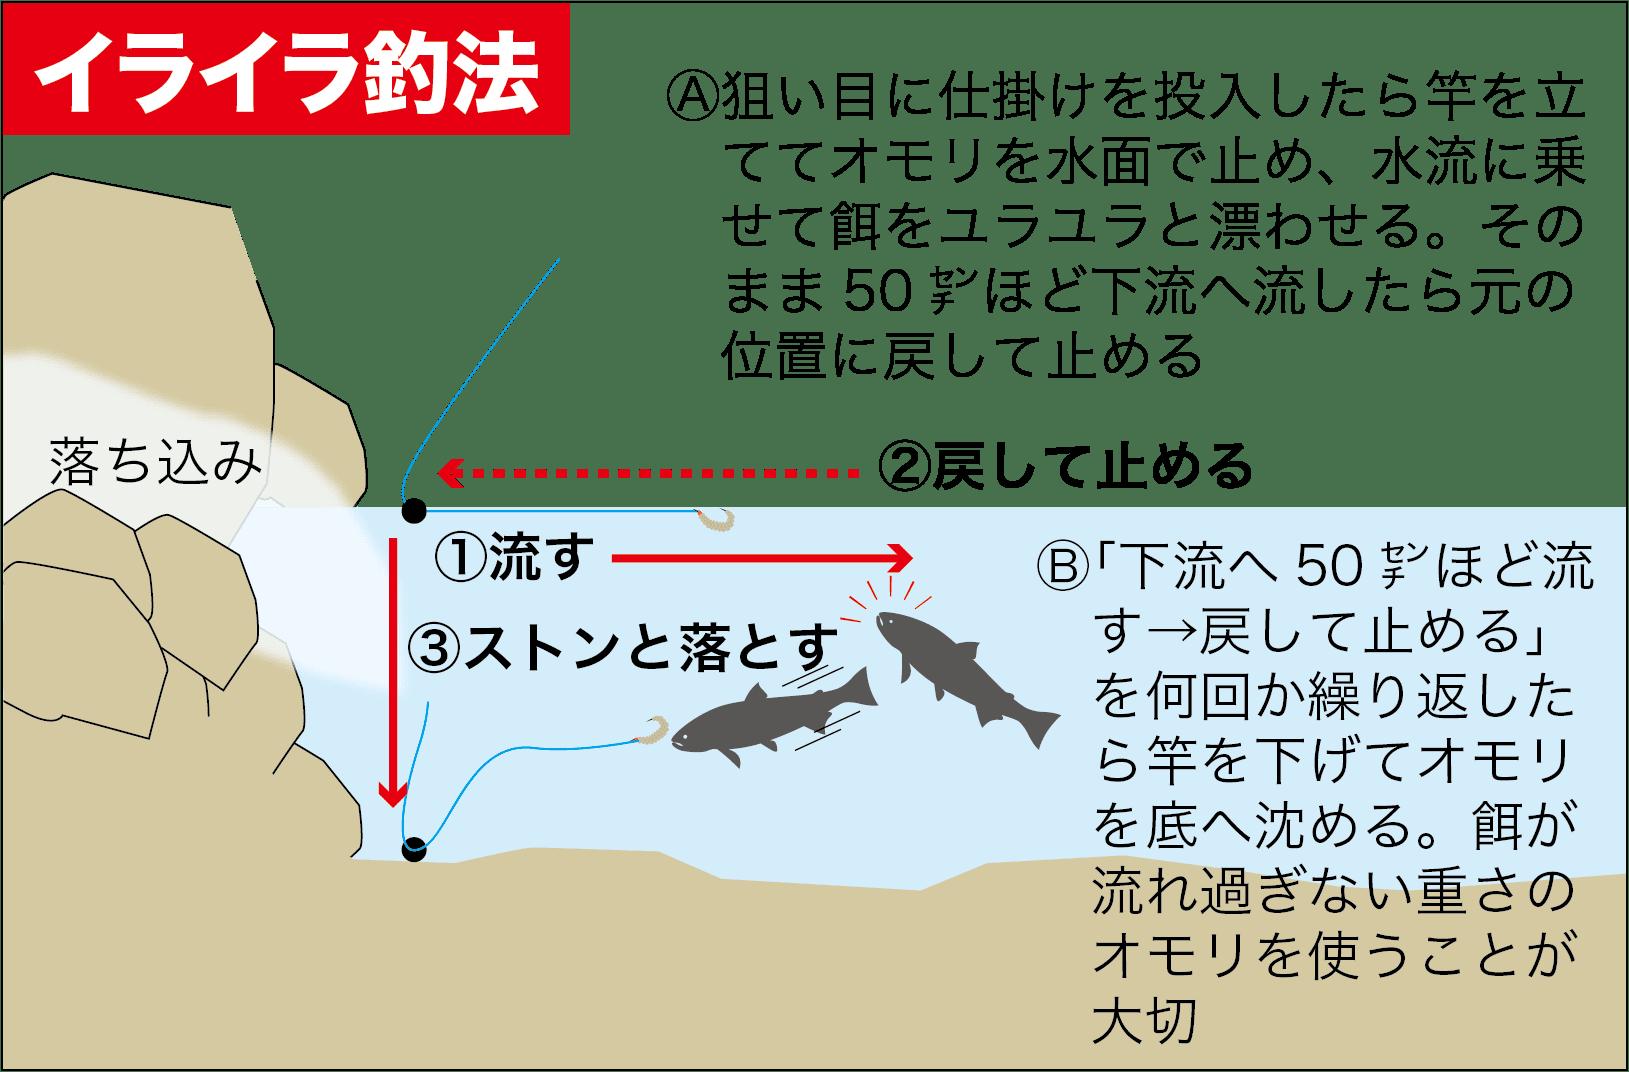 ニジマス管理釣り場オモリ使い10